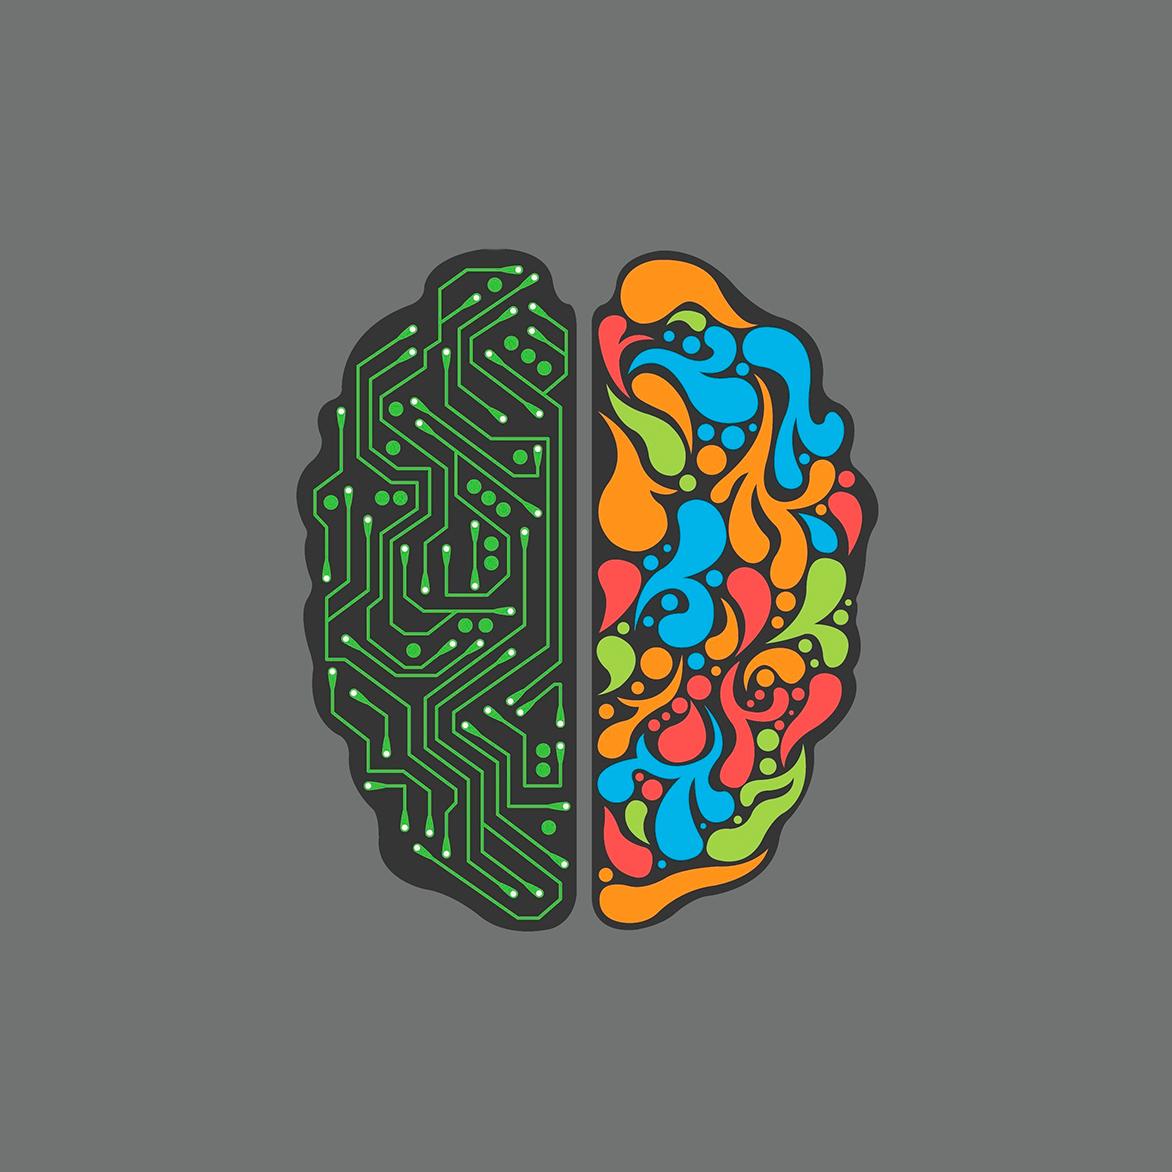 мозг два полушария картинки подходящий рисунок или